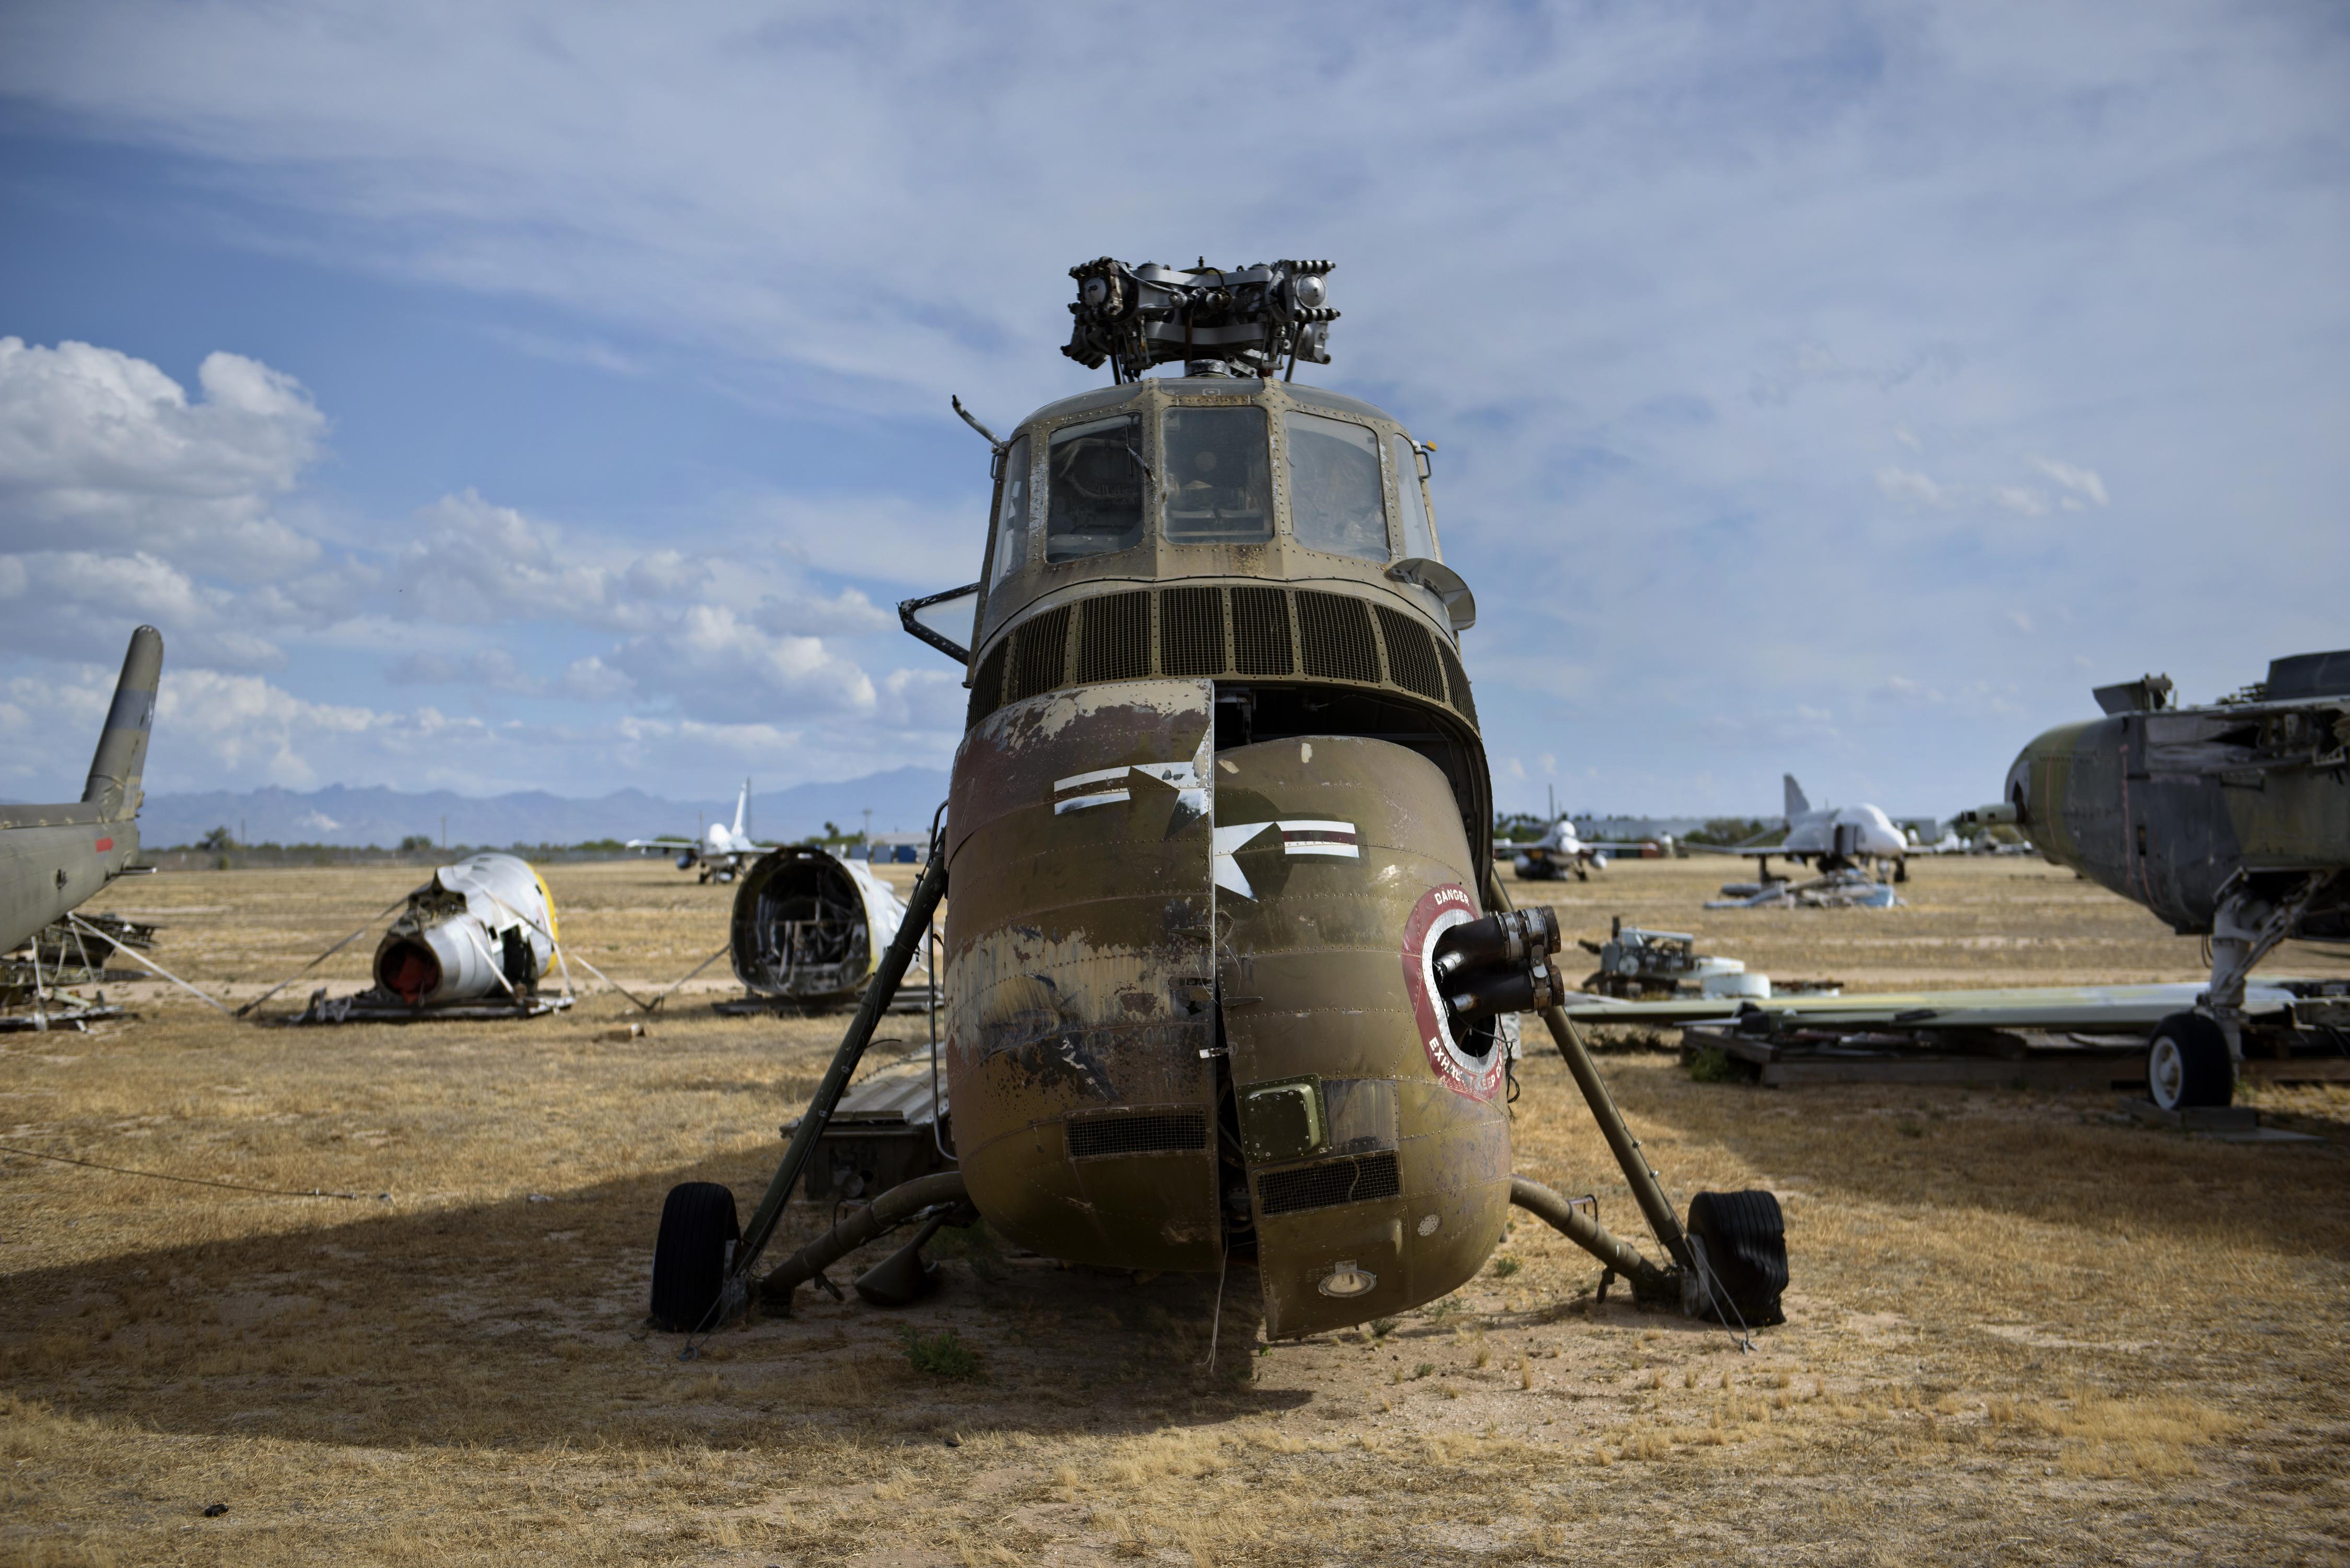 طائرة أتش 34 سي التي استخدمت لنقل الرئيس أيزنهاور في قاعدة جوية بأريزونا. أرشيفية